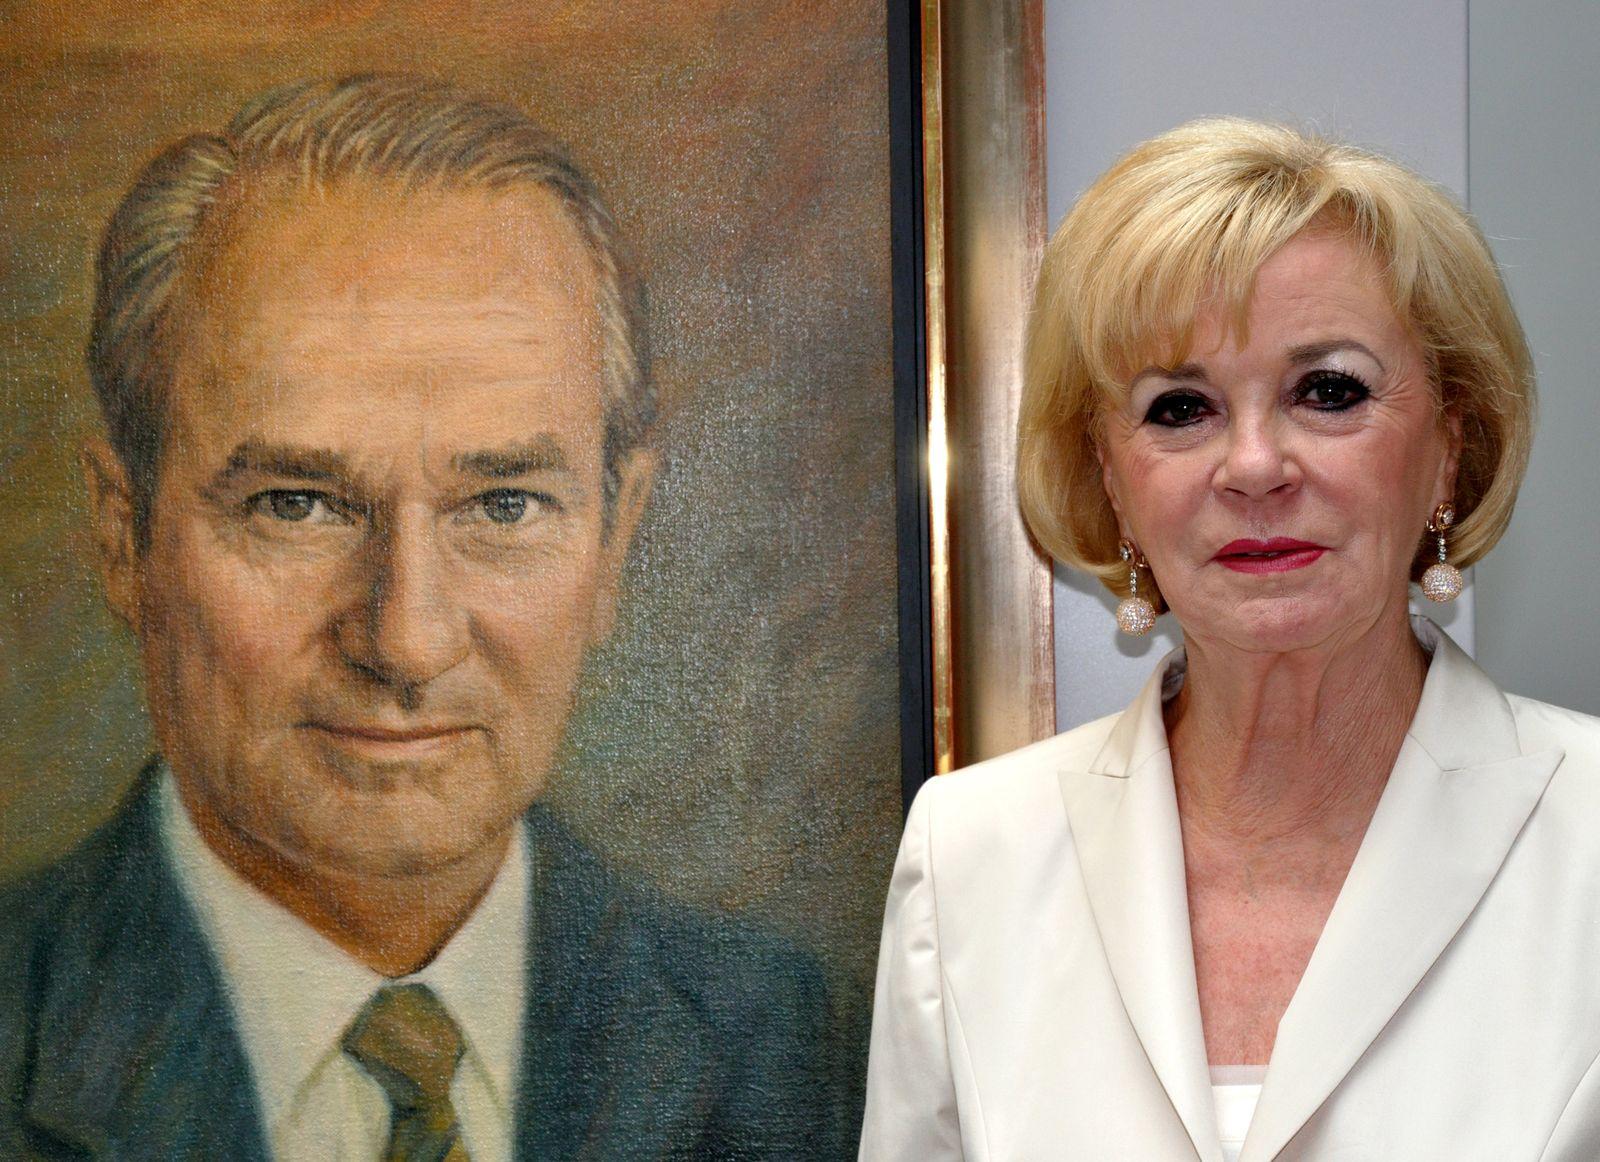 Bertelsmann-Stiftung - Liz Mohn